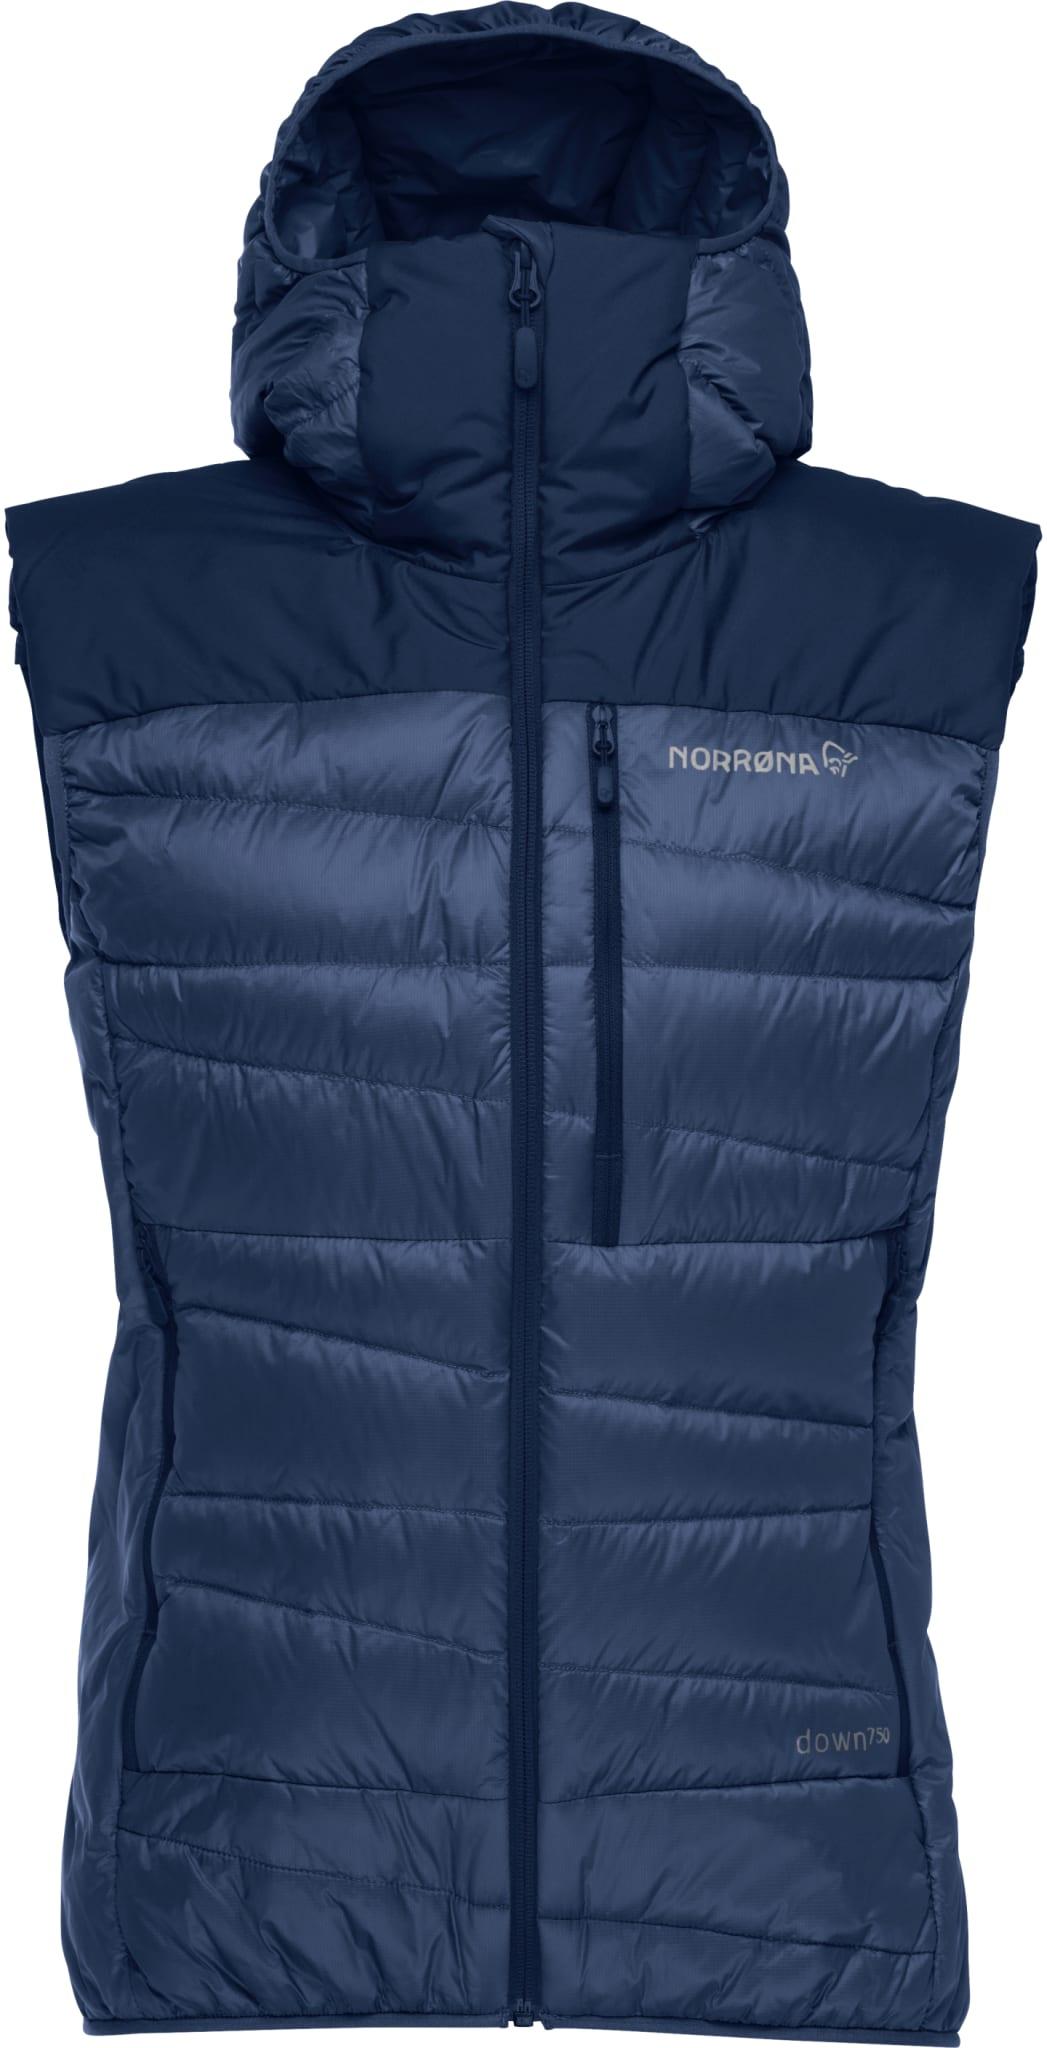 Falketind Down750 Vest W